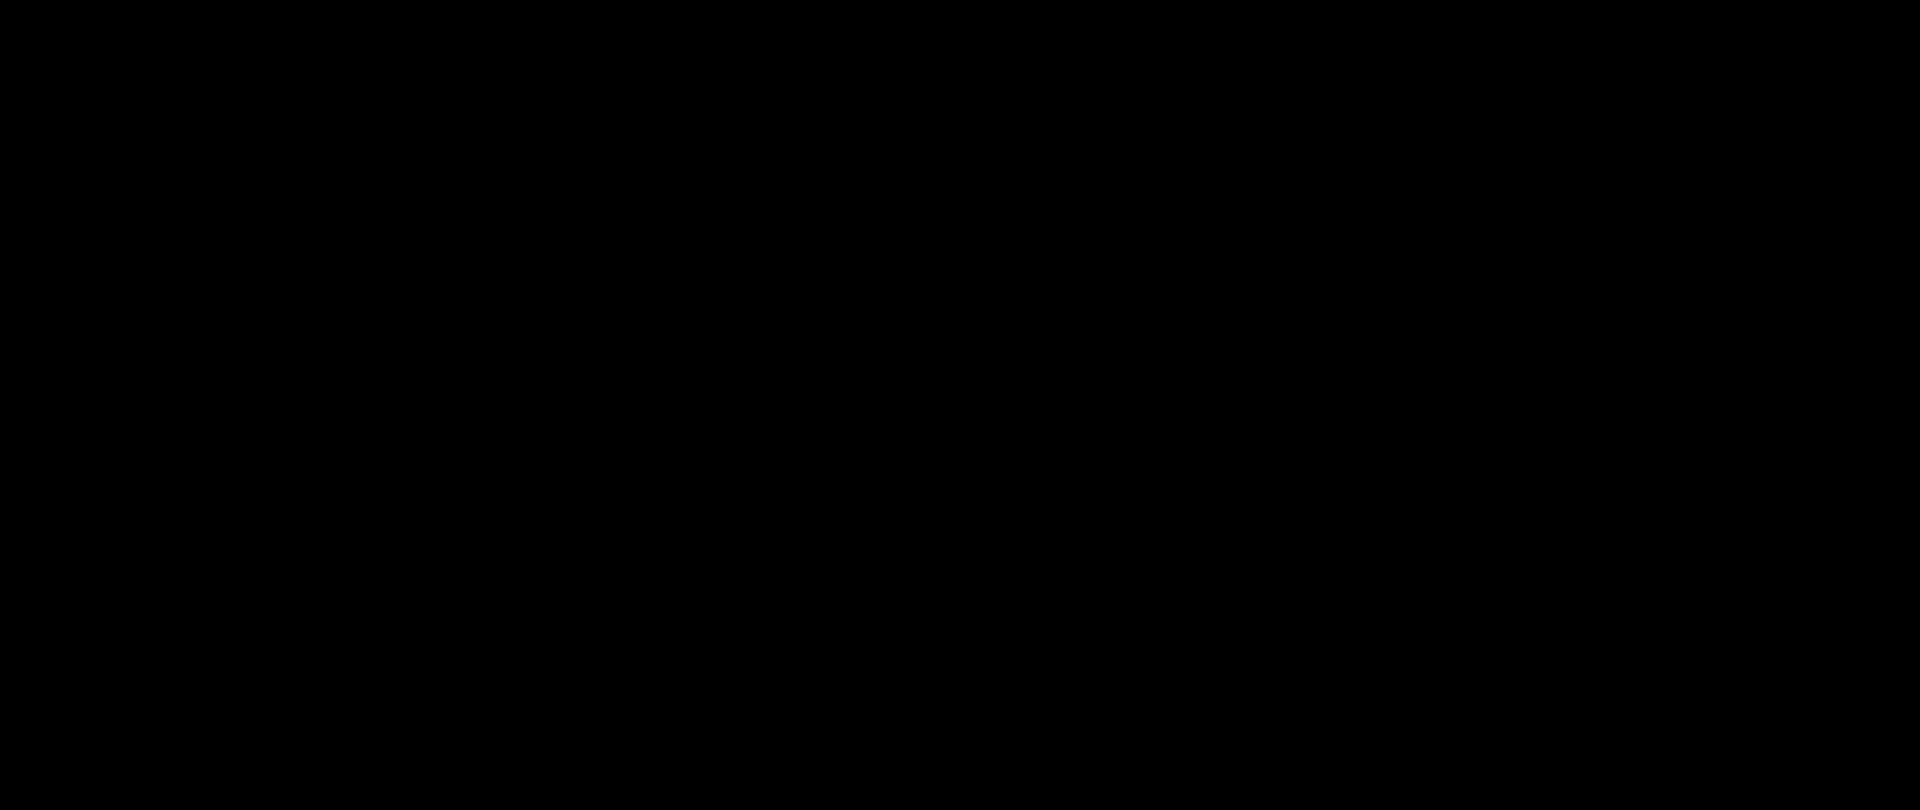 Placa Anima 1.jpg